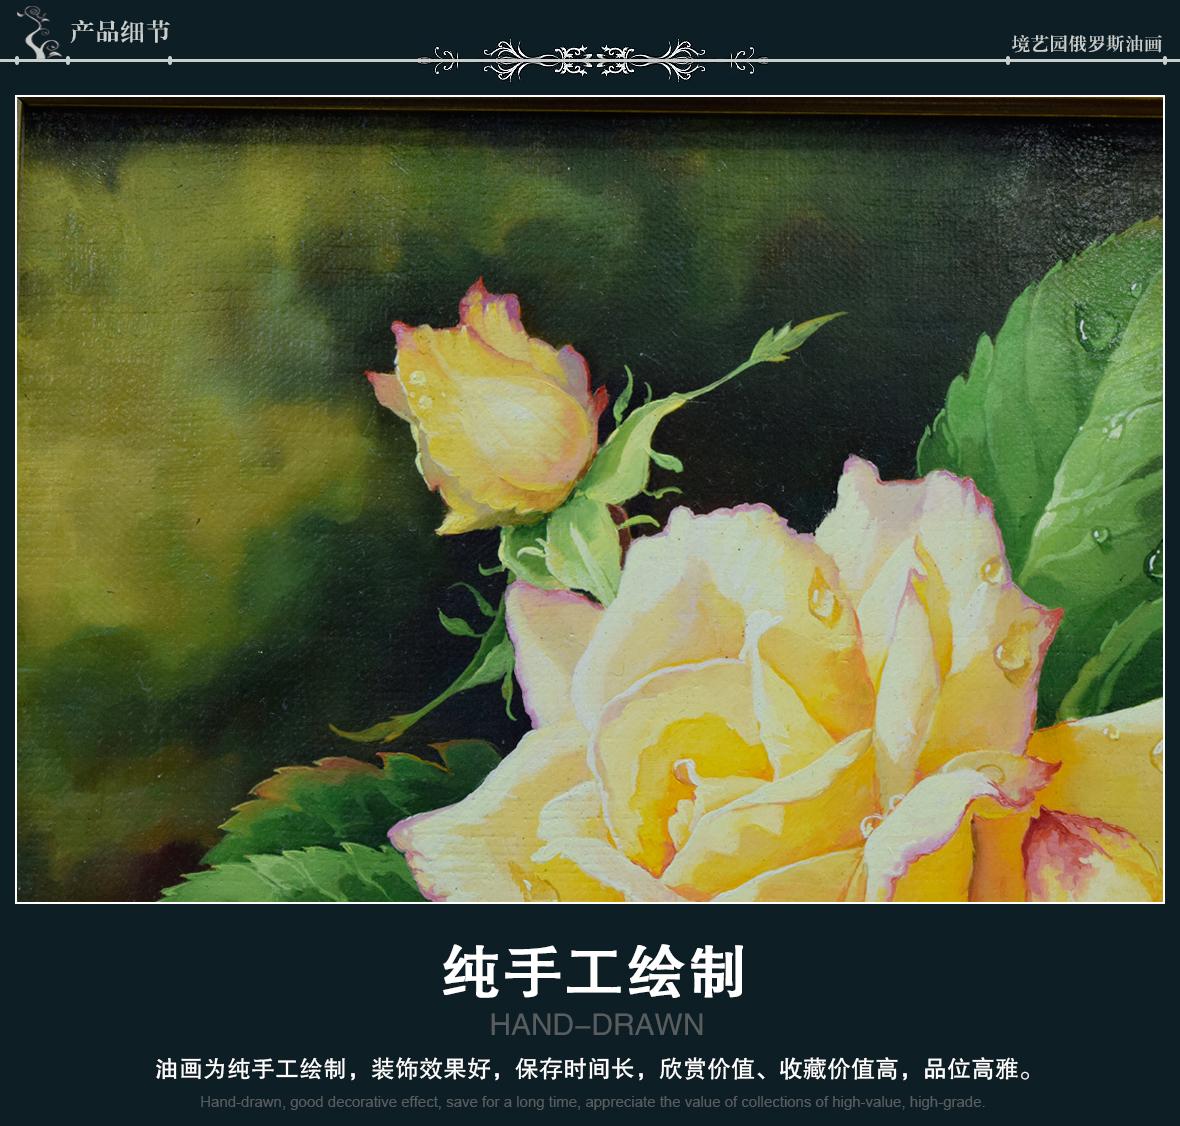 境艺园俄罗斯油画 AC9型号 静物玫瑰 细节展示